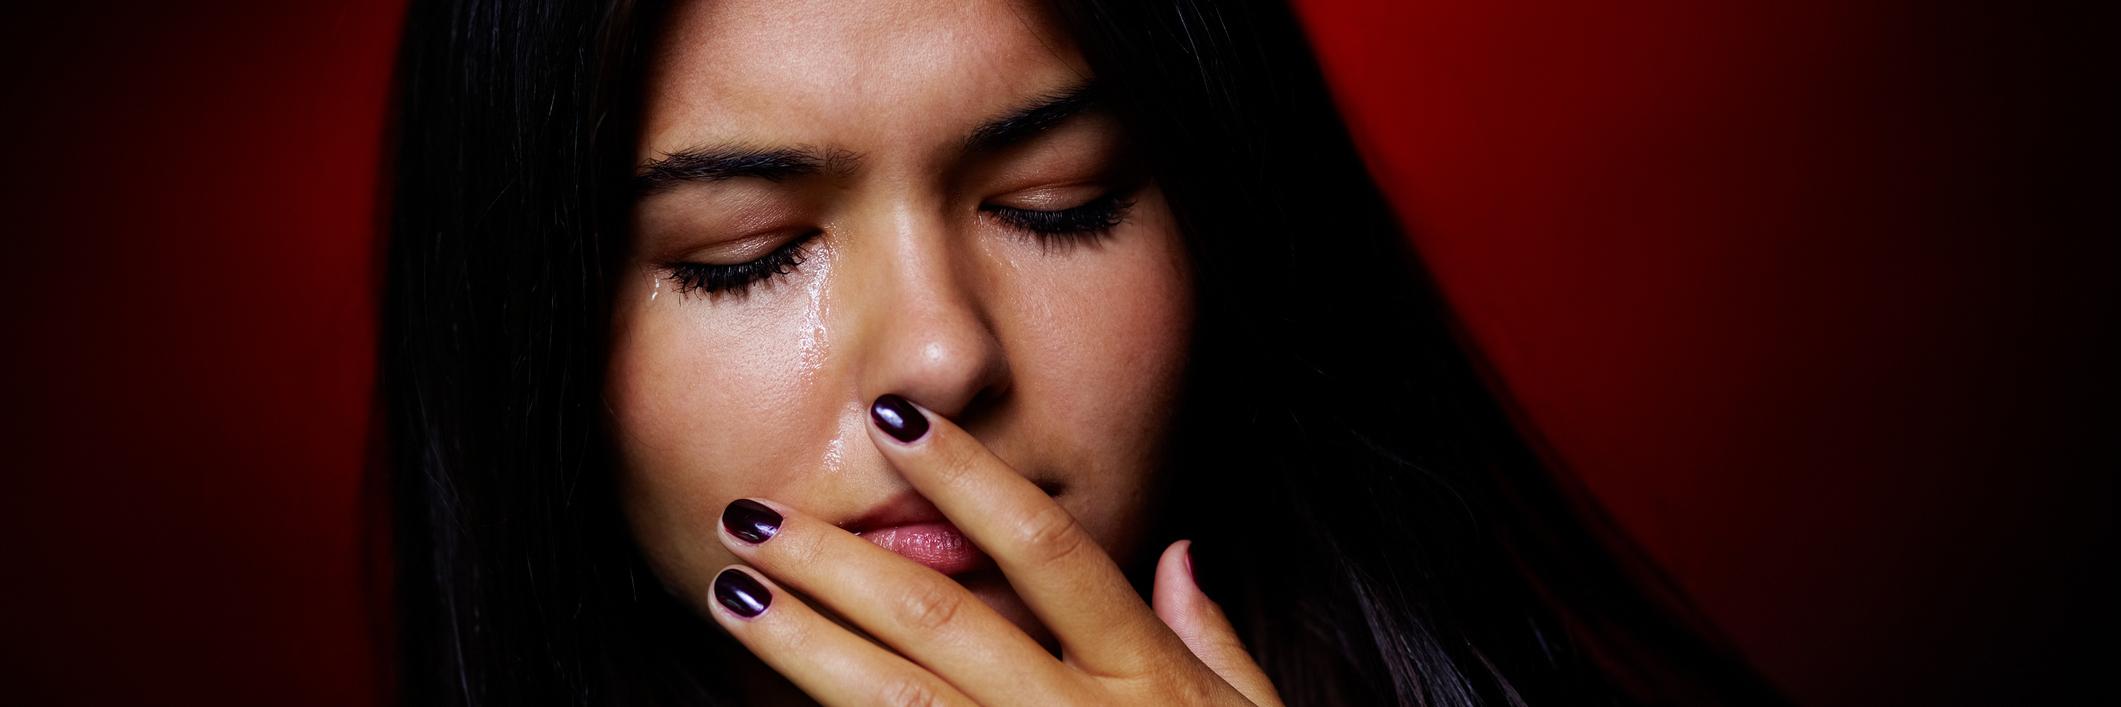 Latina woman crying.